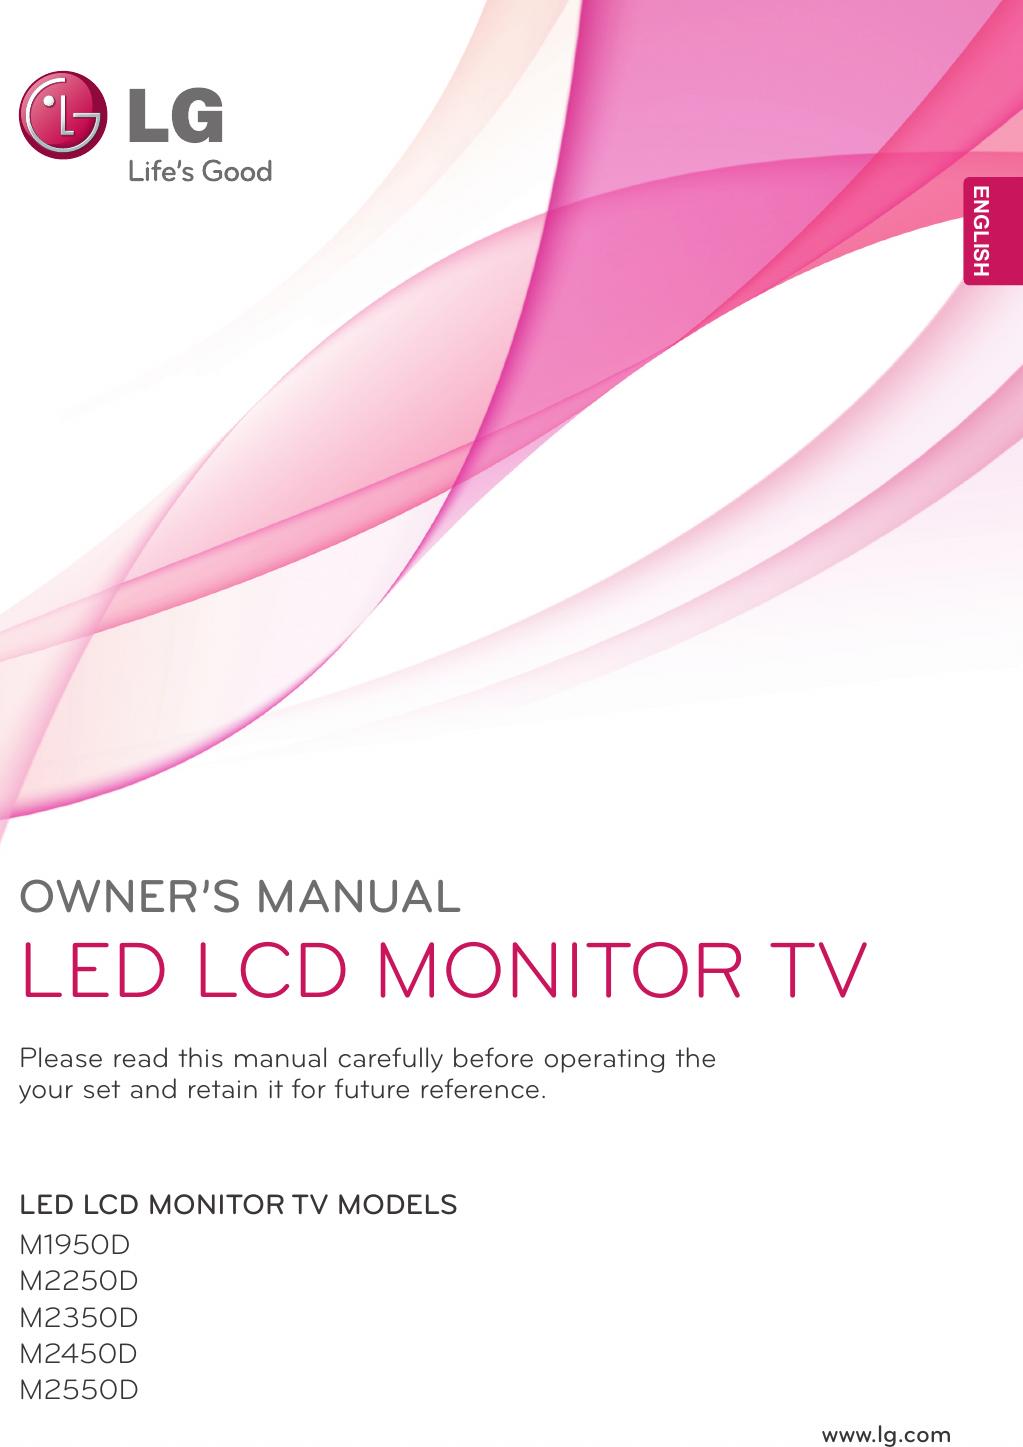 Lg M2550D Owner S Manual